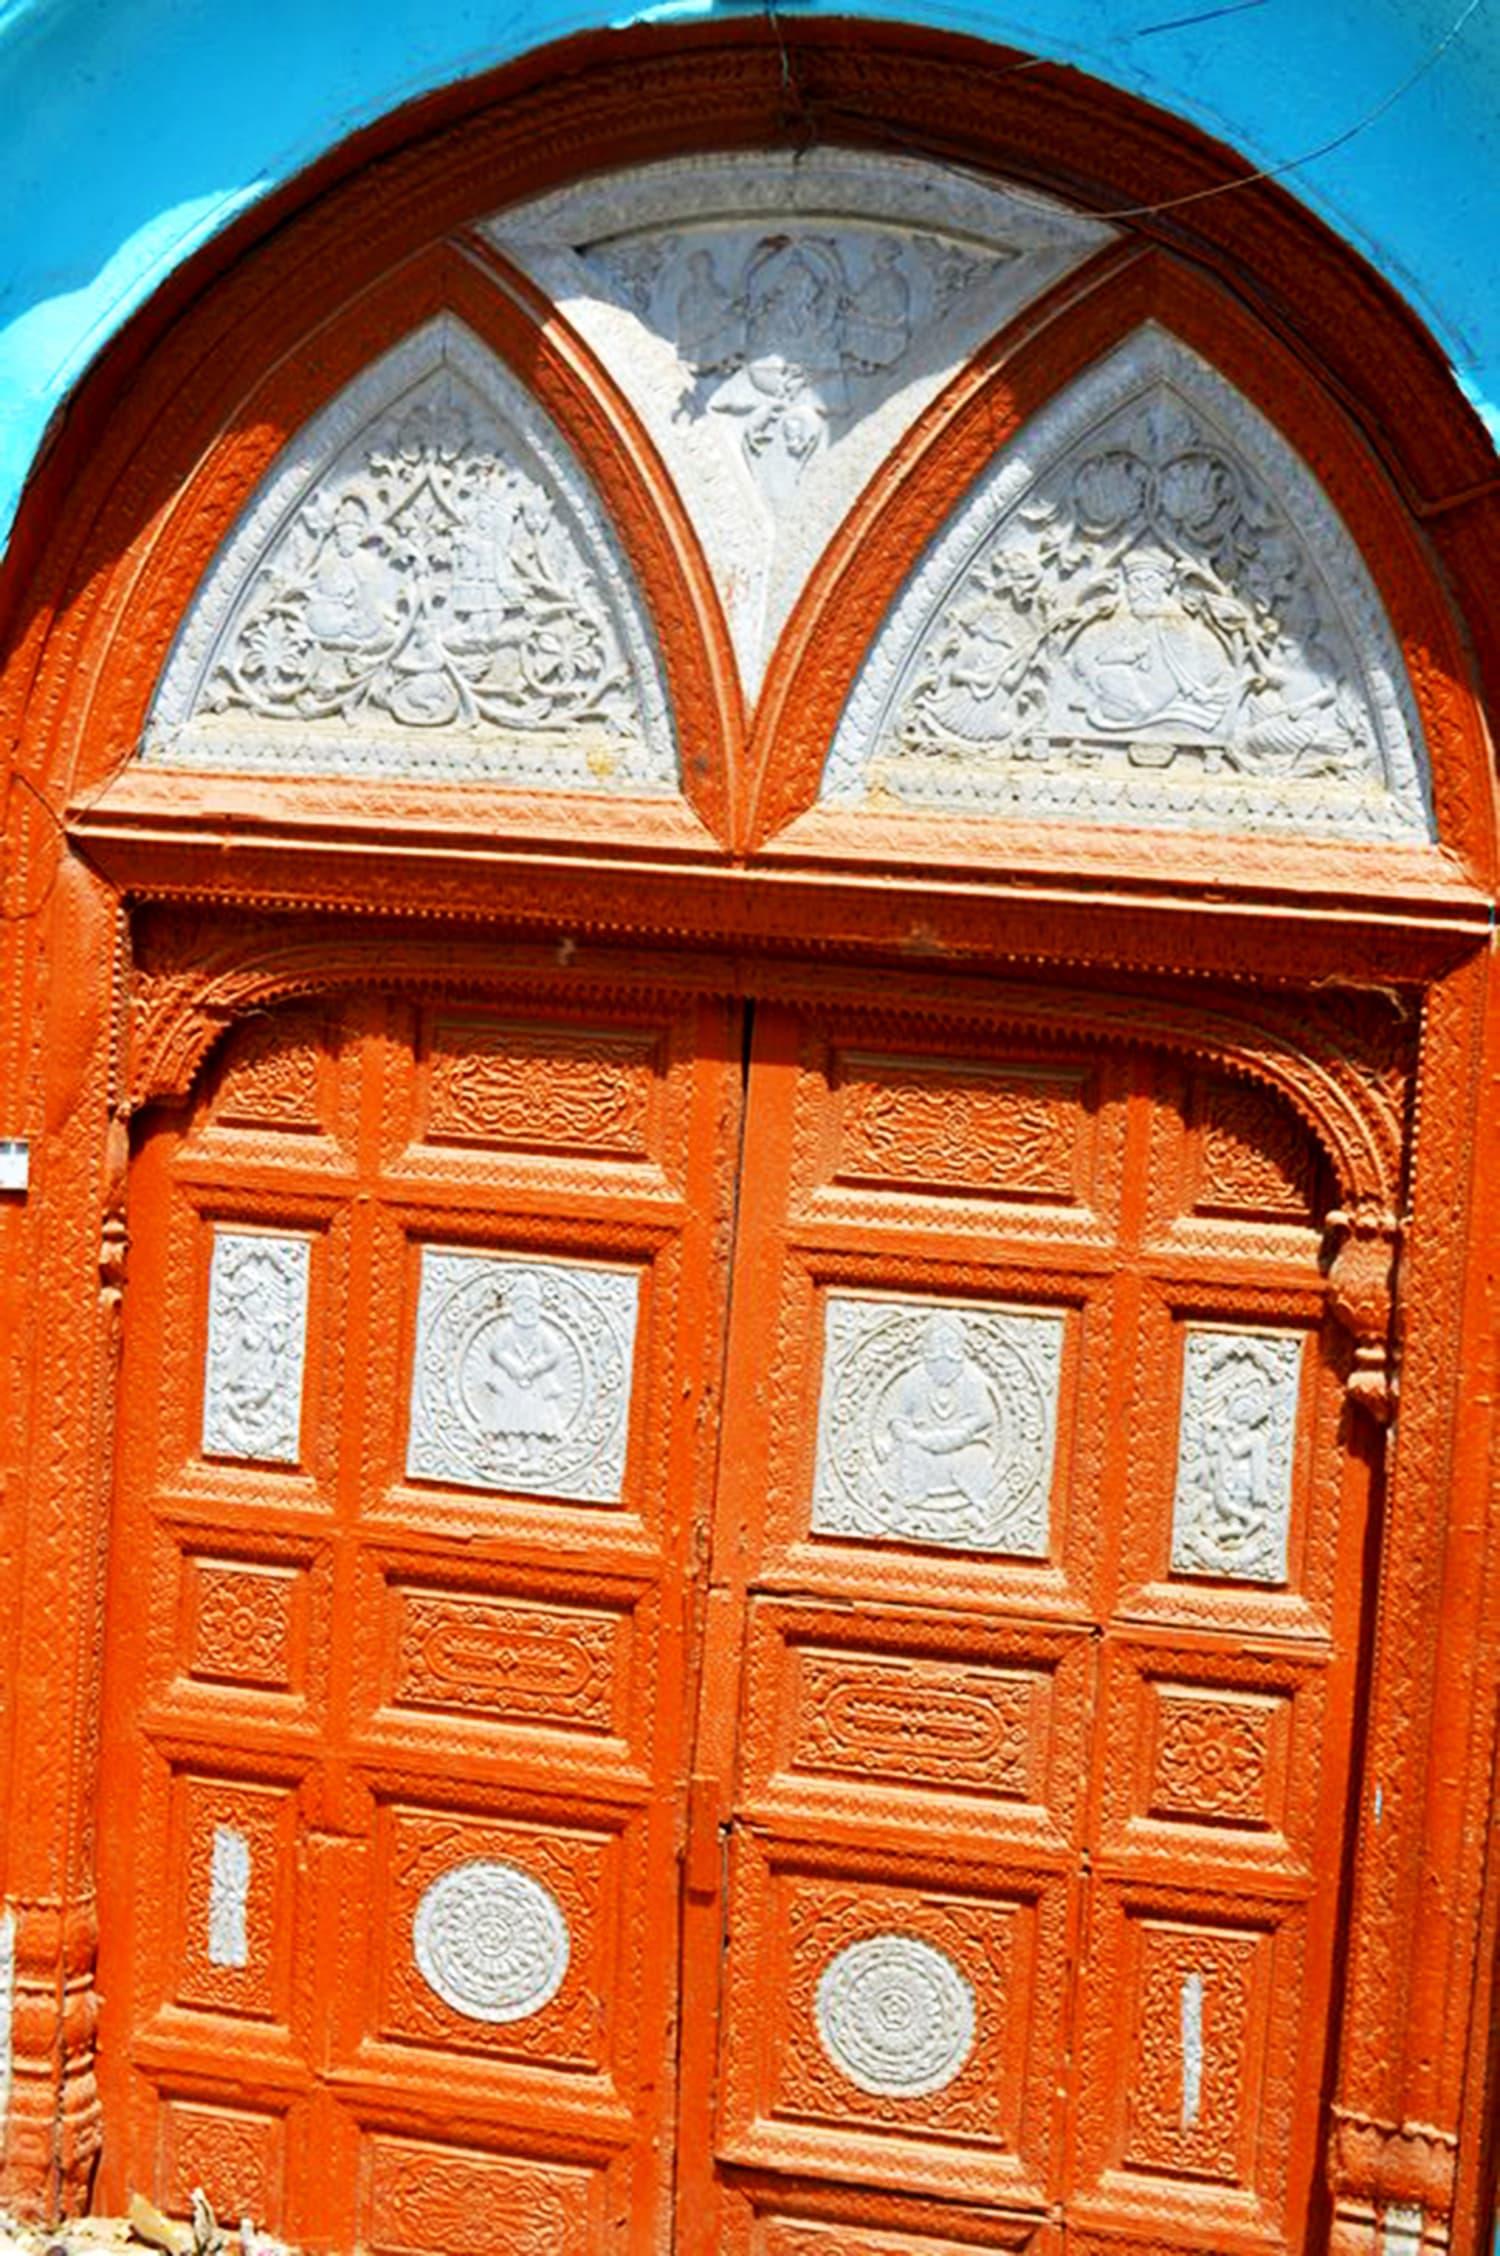 An ornamental wooden door.